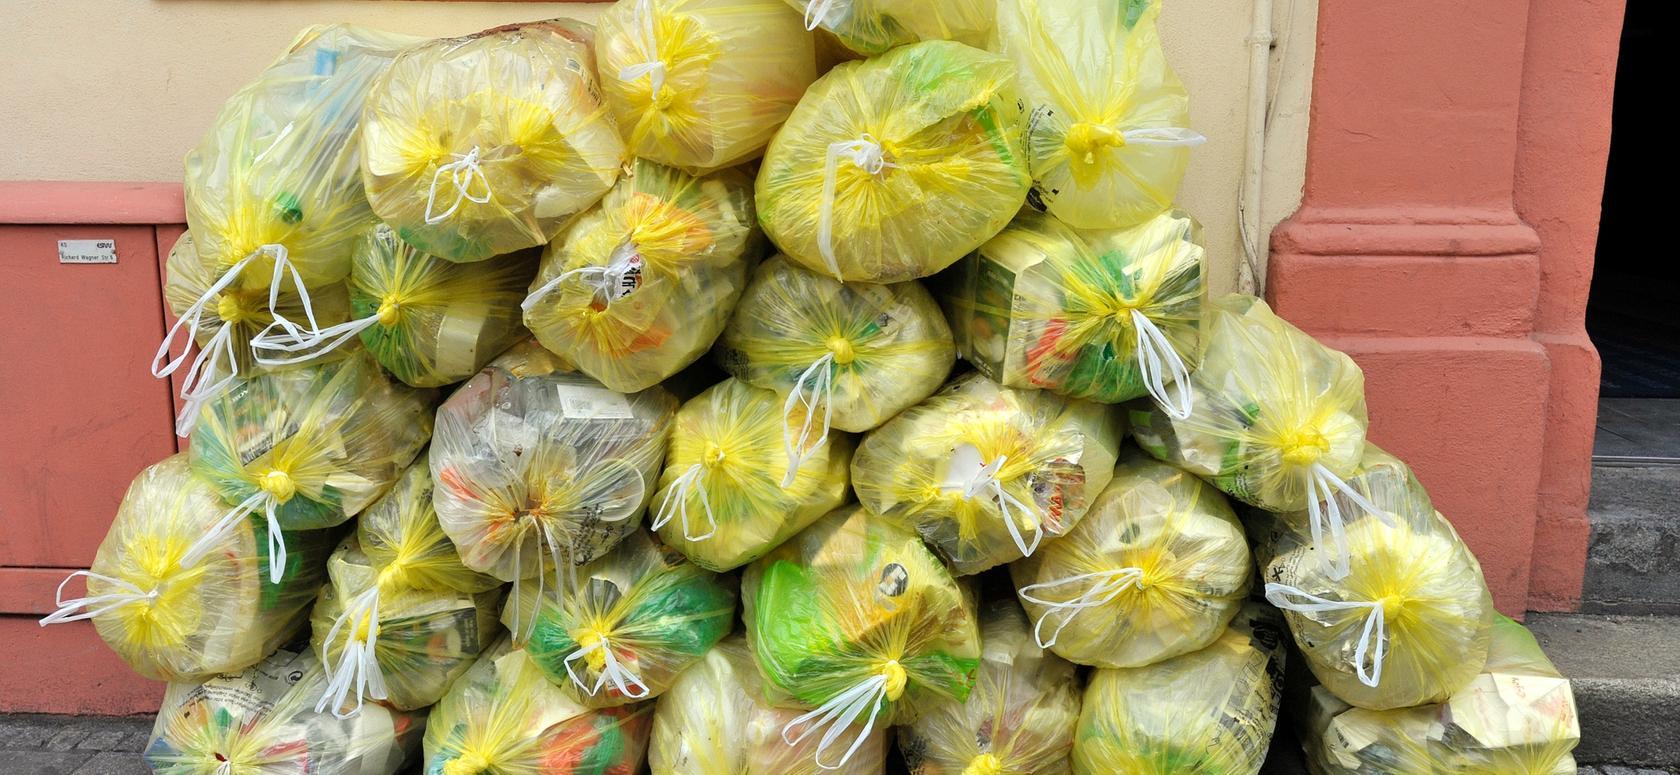 Gelbe Säcke dürfen laut neuer Satzung erst ab 18 Uhr am Vortag der Abholung auf Nürnbergs Straßen gestellt werden.